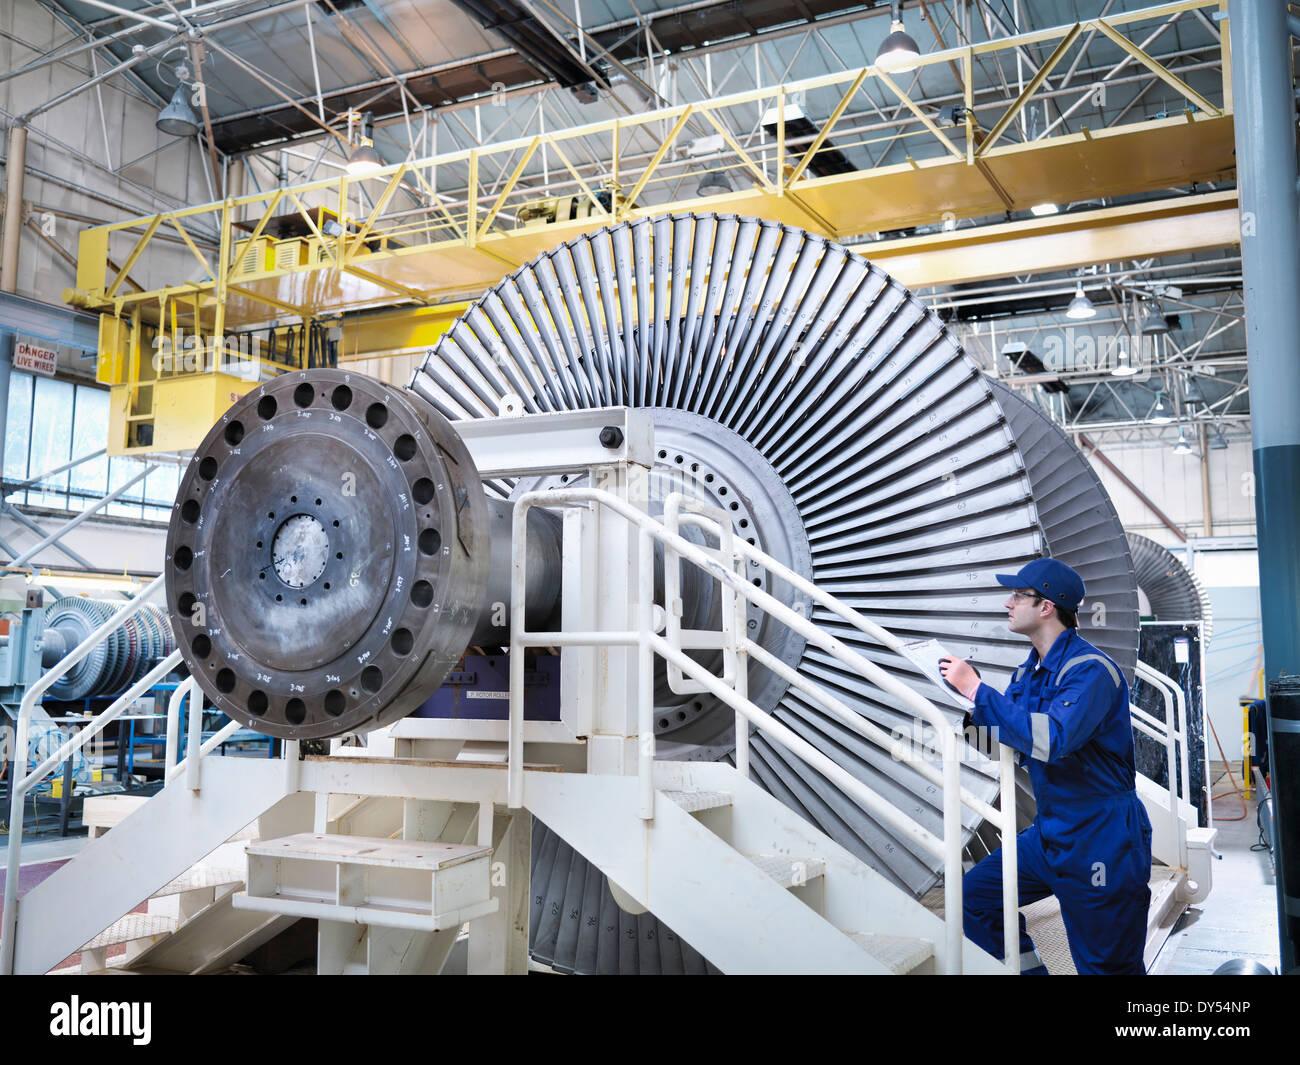 Engineer in steam turbine repair workshop - Stock Image